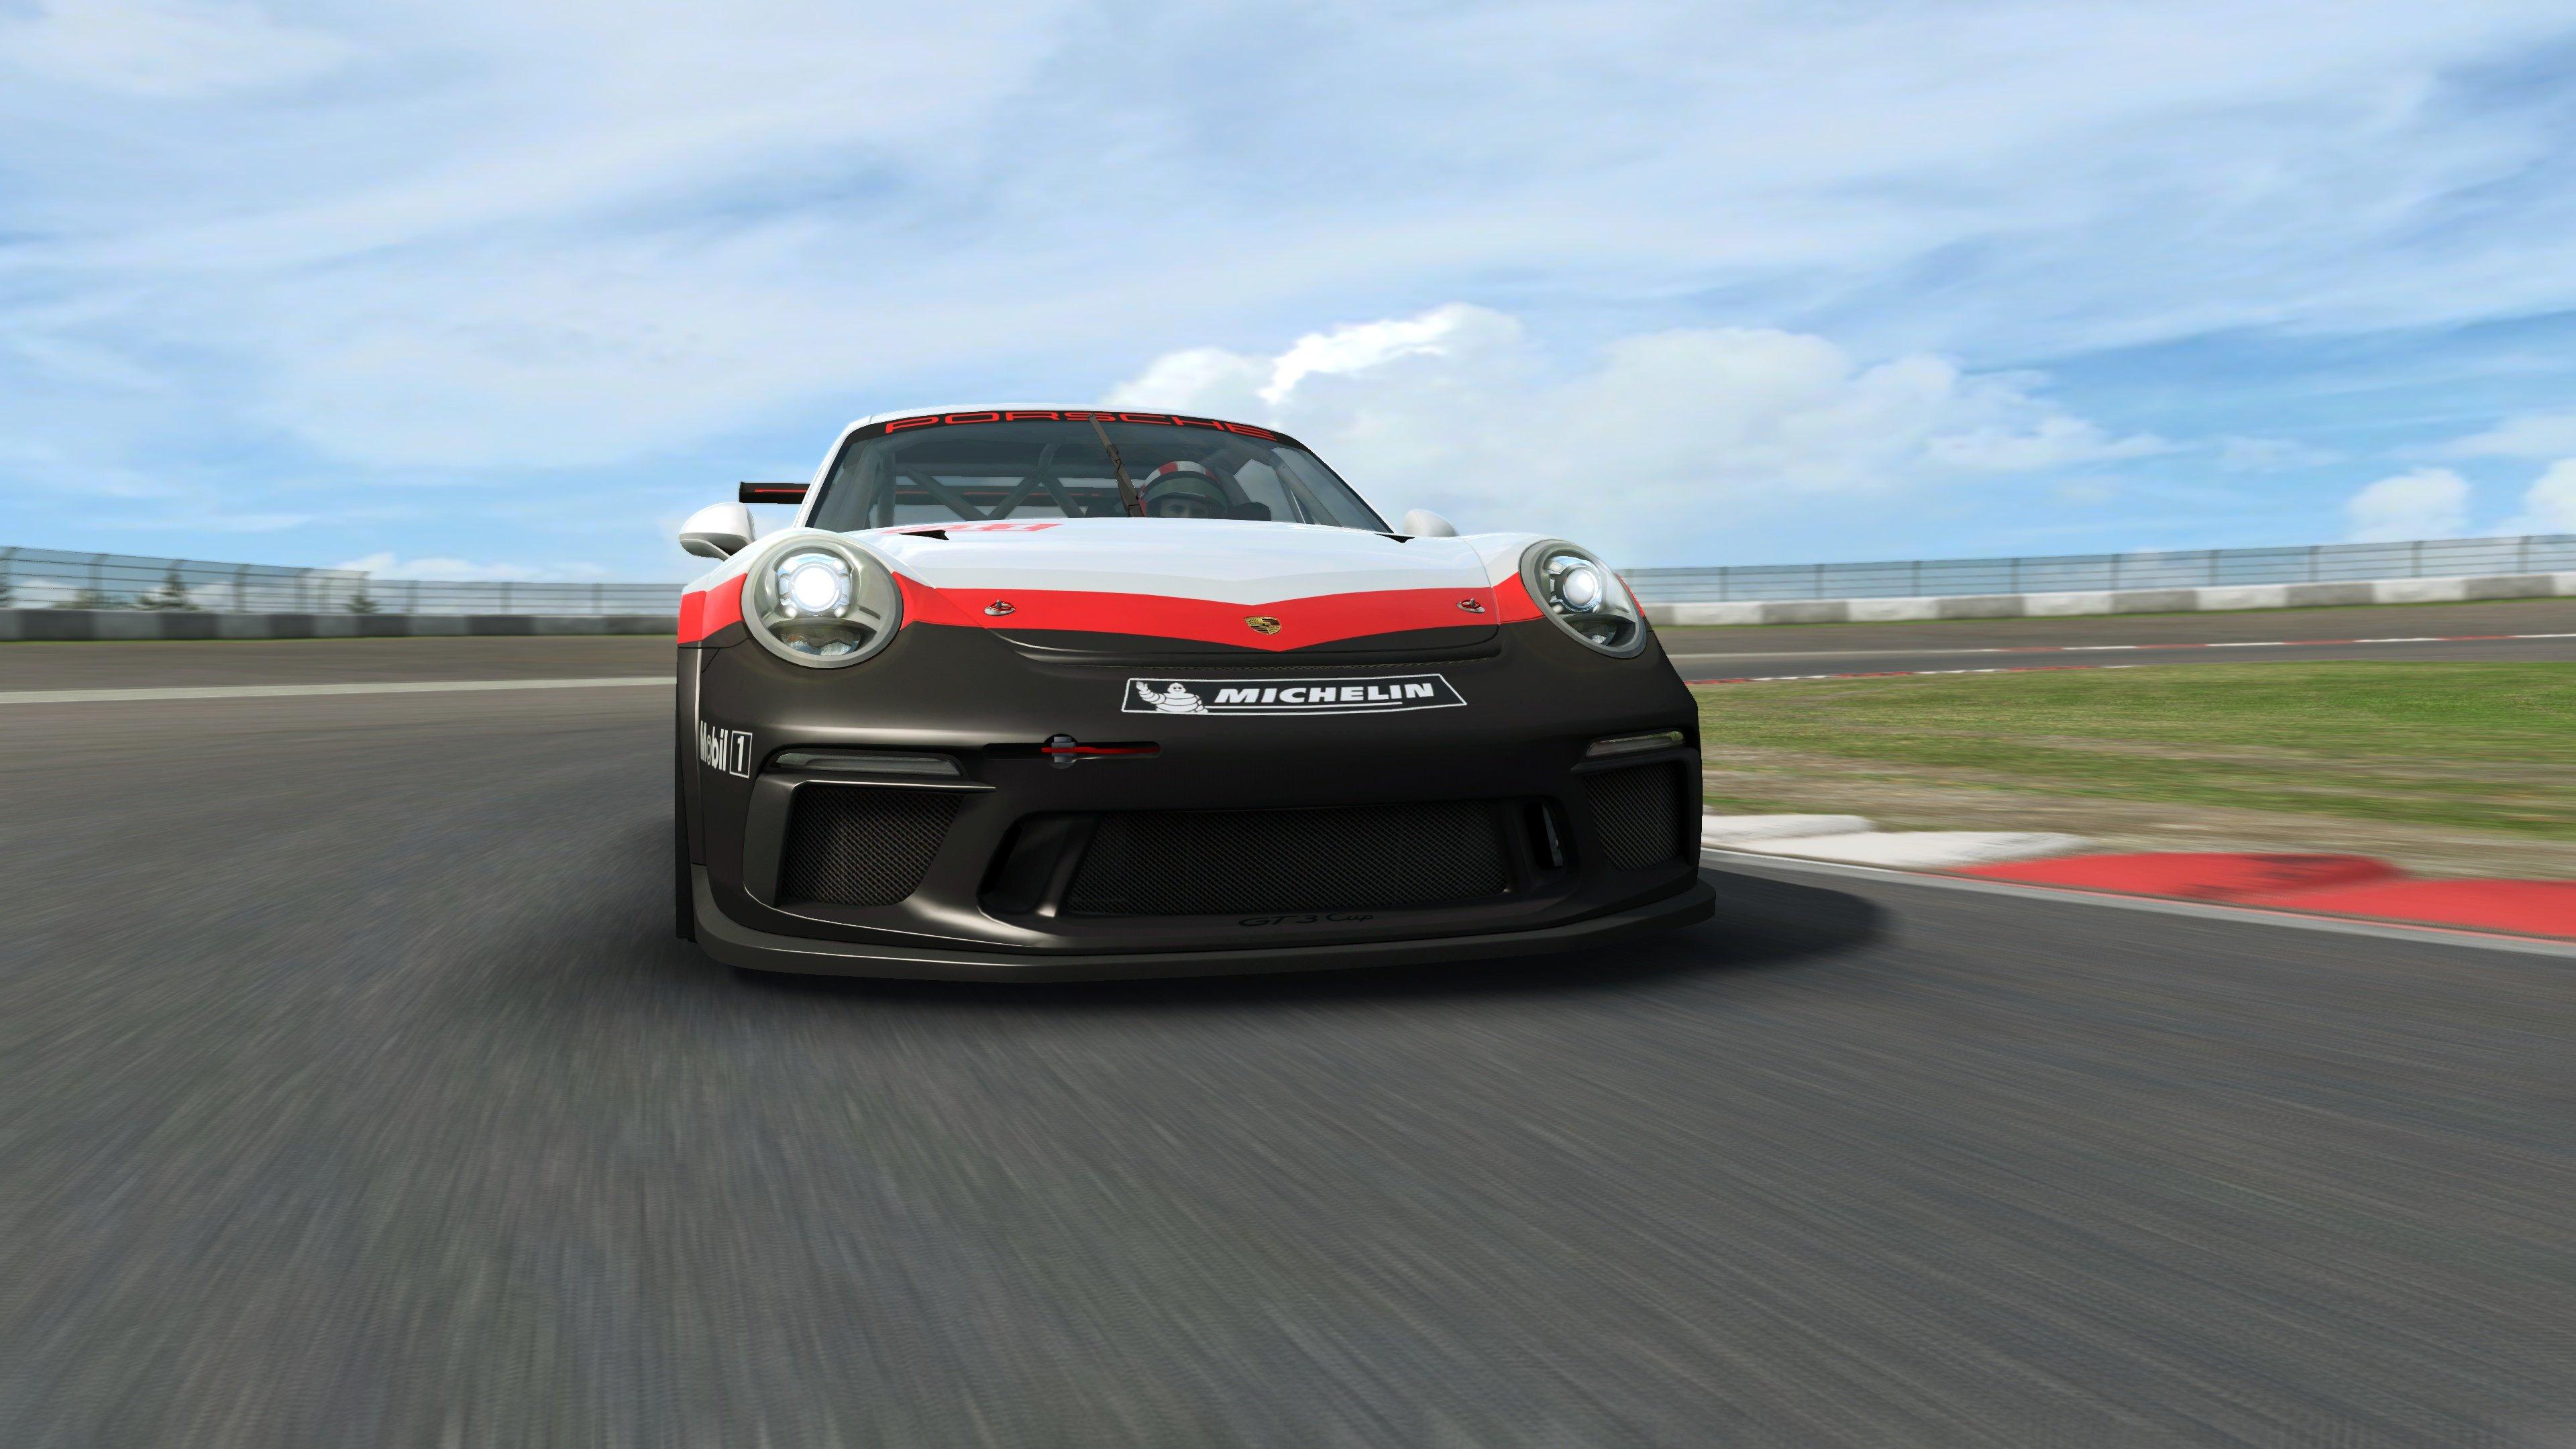 RaceRoom 991.2 Porsche 911 GT3 Cup 45